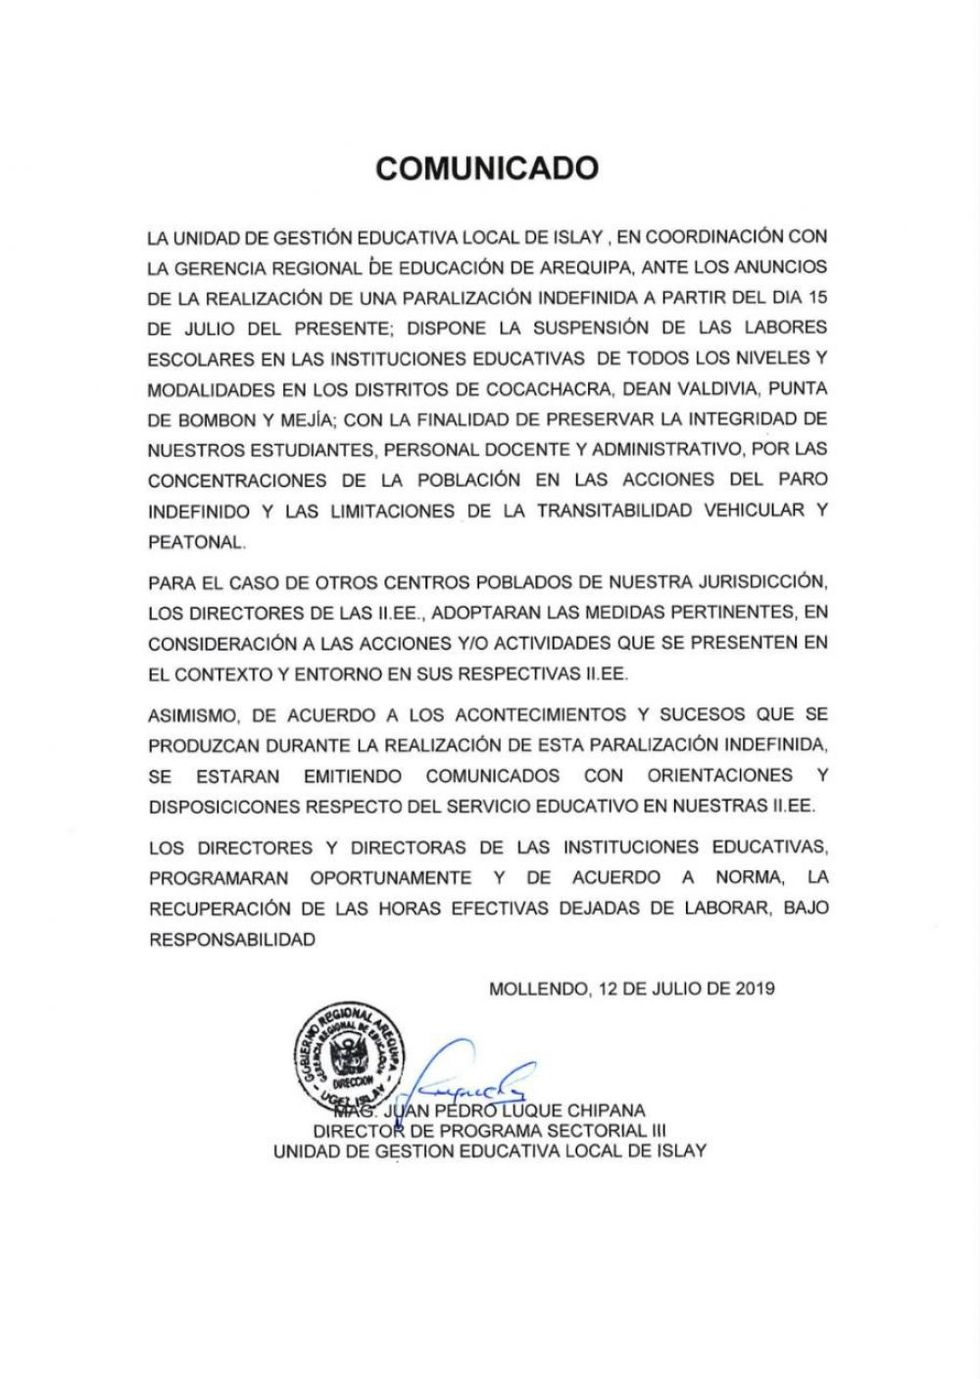 El comunicado de la suspensión de clases, desde el 15 de julio, en cuatro distritos de la provincia de Islay.